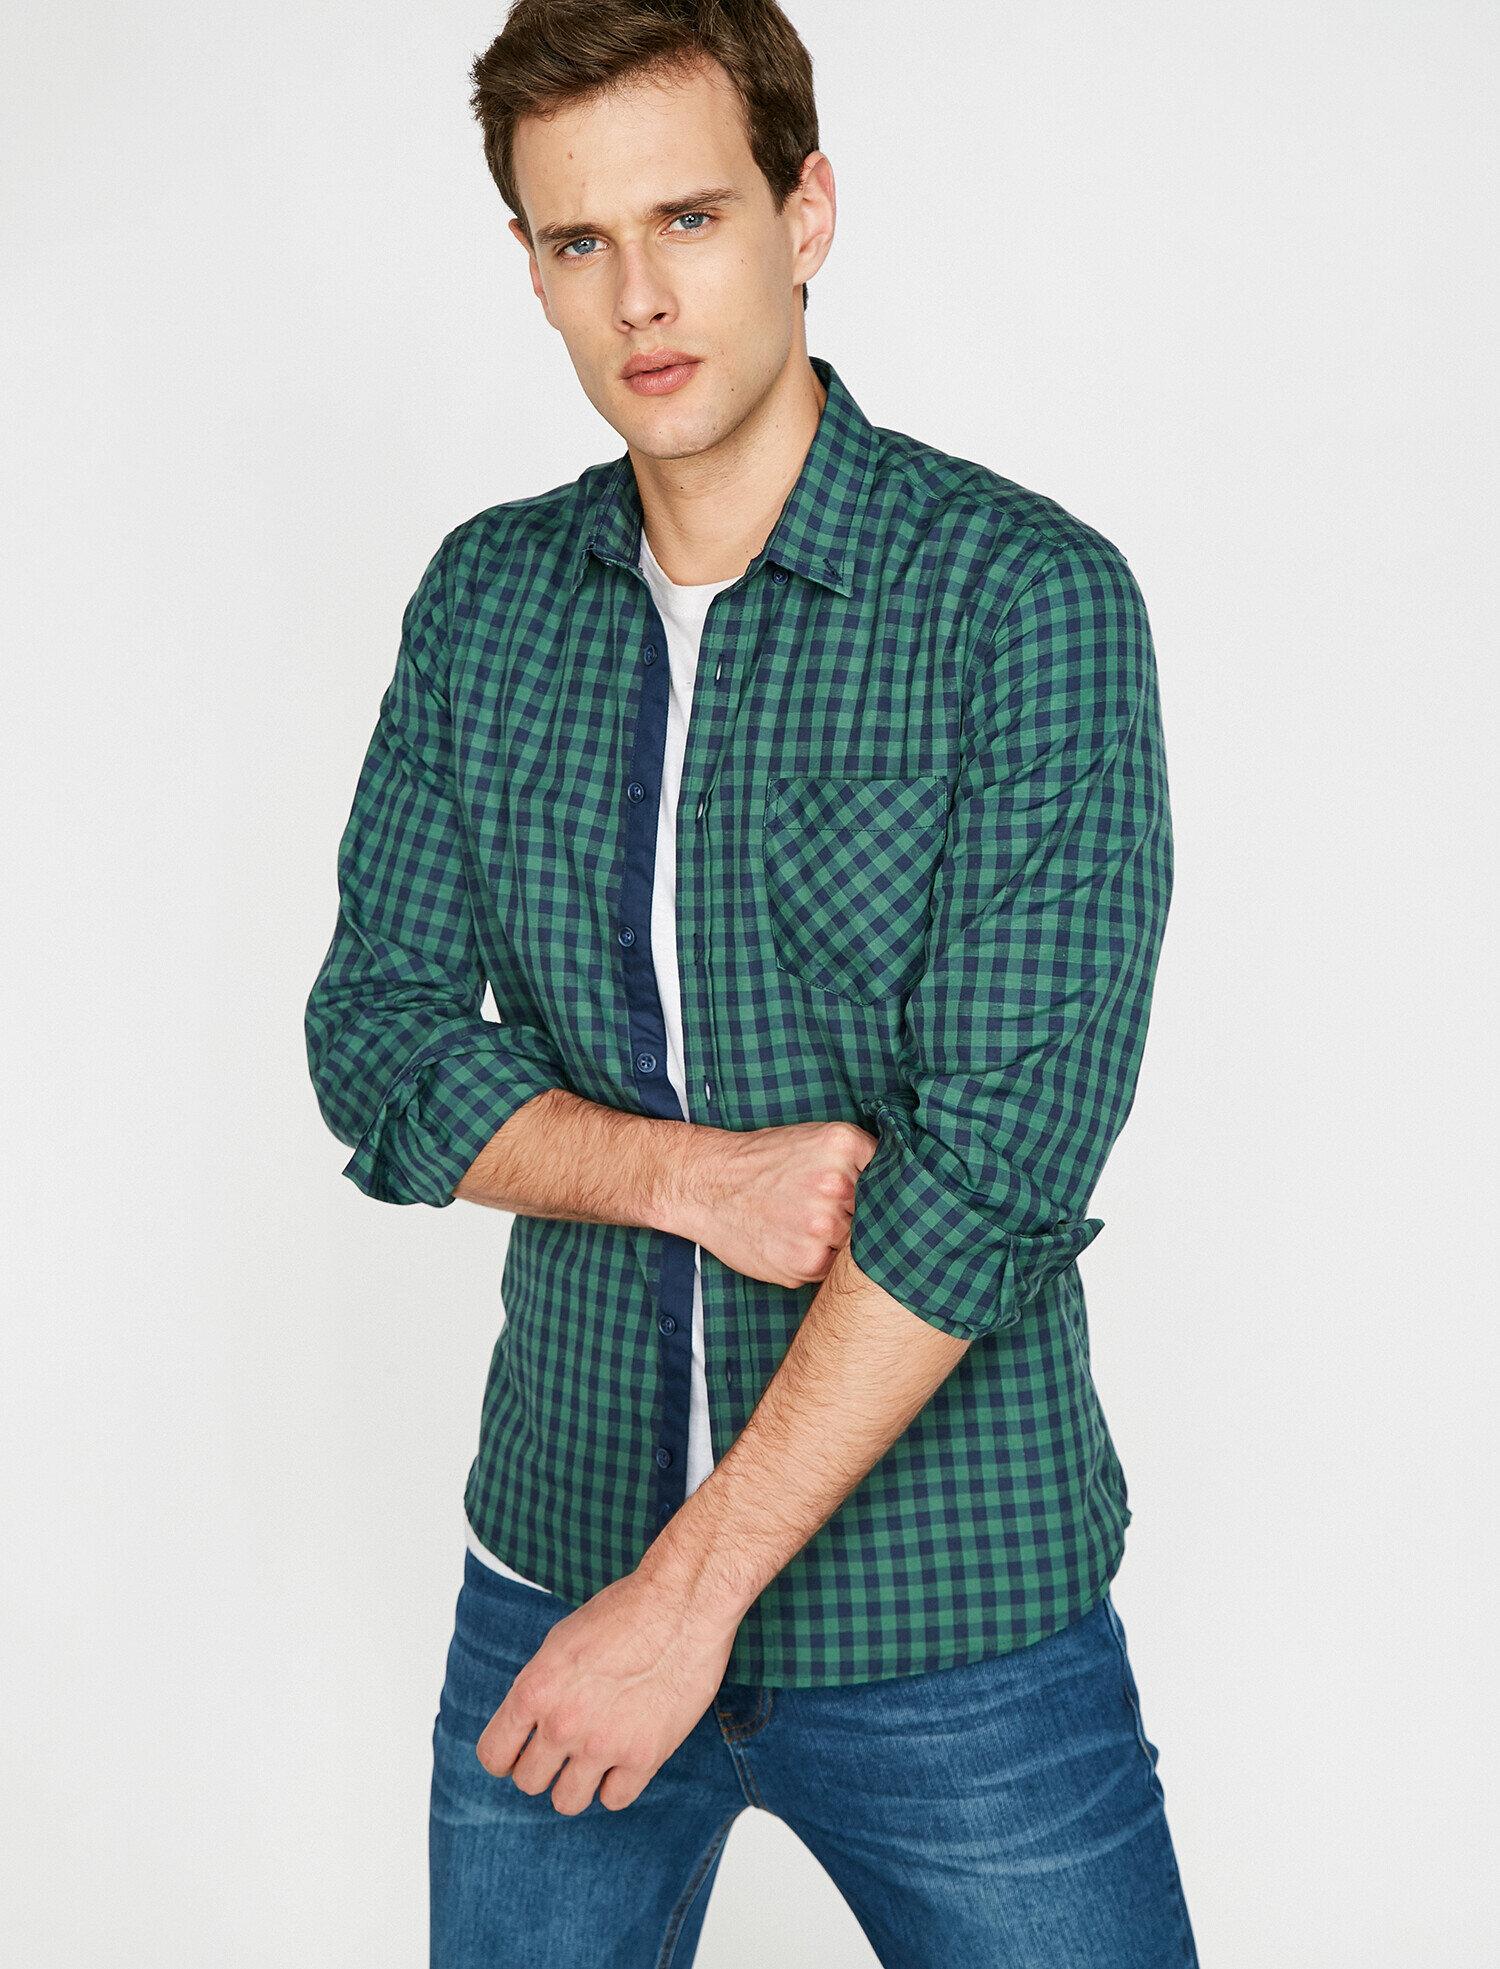 Koton Erkek Kareli Gömlek Yeşil Ürün Resmi